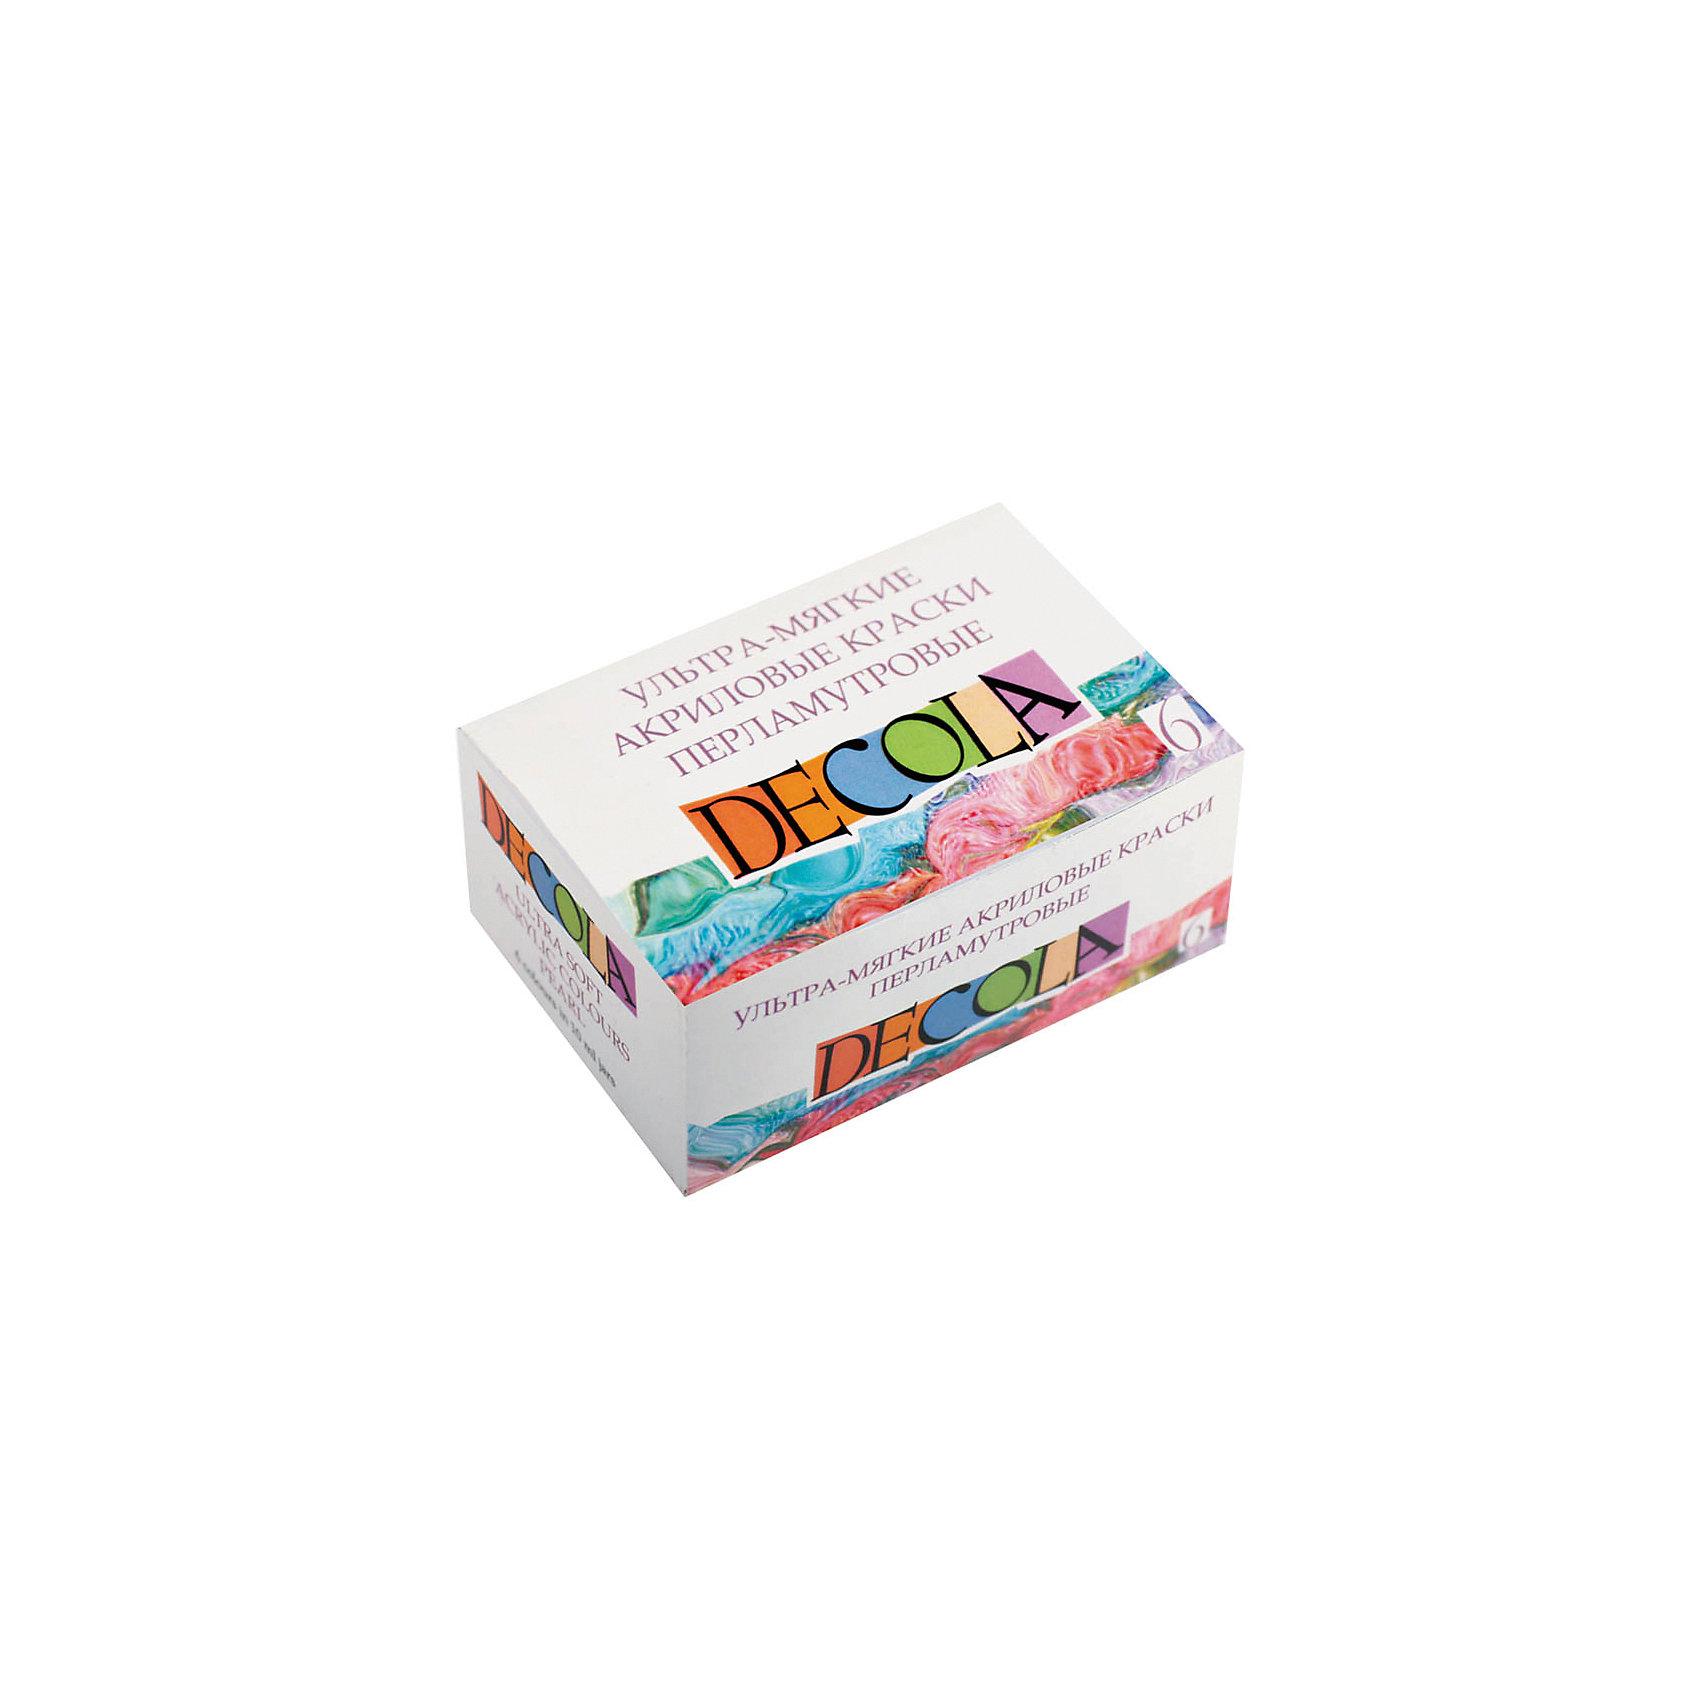 Краски акриловые 6цветов 10мл Decola, ультра-мягкие, перламутрКраски и кисточки<br>Тип: краски акриловые<br>Количество цветов: 6 <br>Емкость: баночка<br>Объем общий: 60<br>Объем емкости: 10<br>Упаковка ед. товара: картонная коробка<br>Наличие европодвеса: нет<br>Флуоресцентный эффект: нет<br>Перламутровый эффект: есть<br>Эффект металлик: нет<br>Предназначены для декоративно-прикладных работ на различных поверхностях: картоне, дереве, ткани, керамике, металле и т.д.<br><br>Ширина мм: 100<br>Глубина мм: 100<br>Высота мм: 20<br>Вес г: 46<br>Возраст от месяцев: 84<br>Возраст до месяцев: 2147483647<br>Пол: Унисекс<br>Возраст: Детский<br>SKU: 7044206